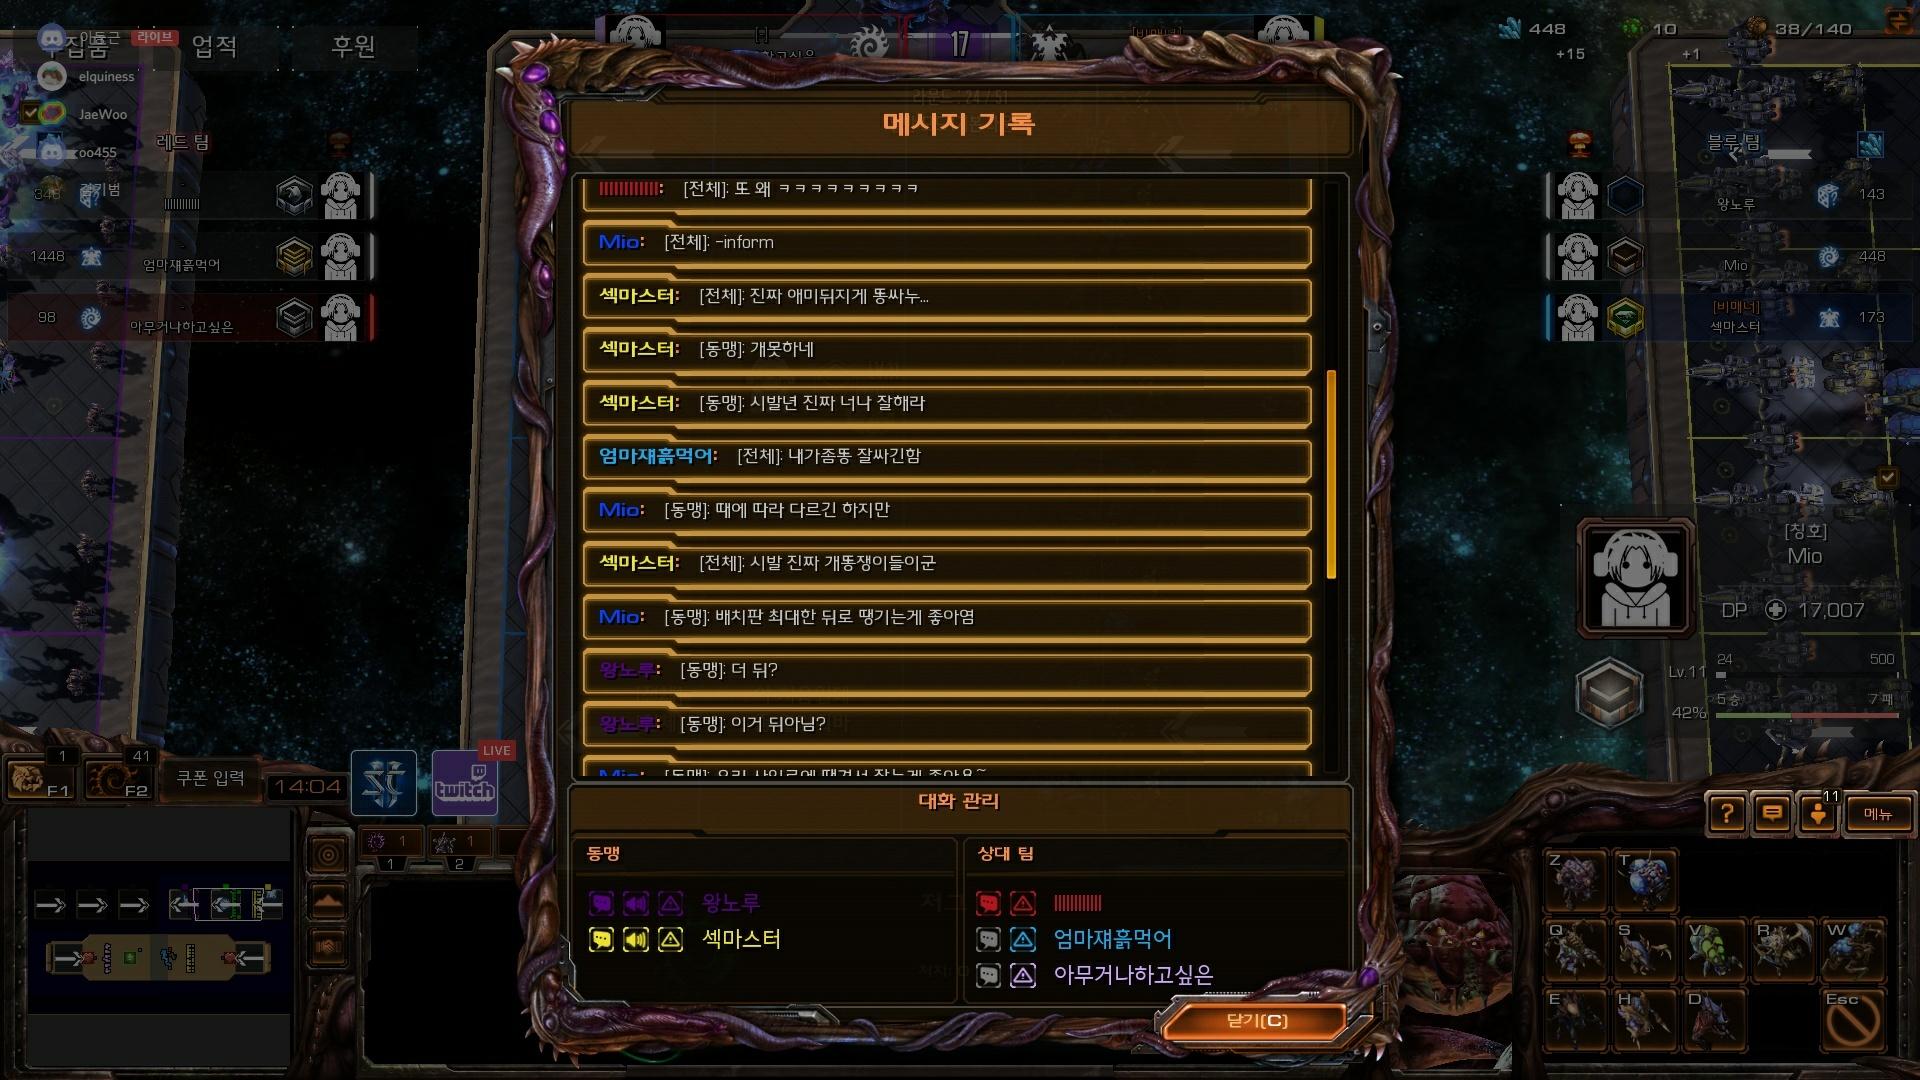 Screenshot2019-12-14 00_08_05.jpg